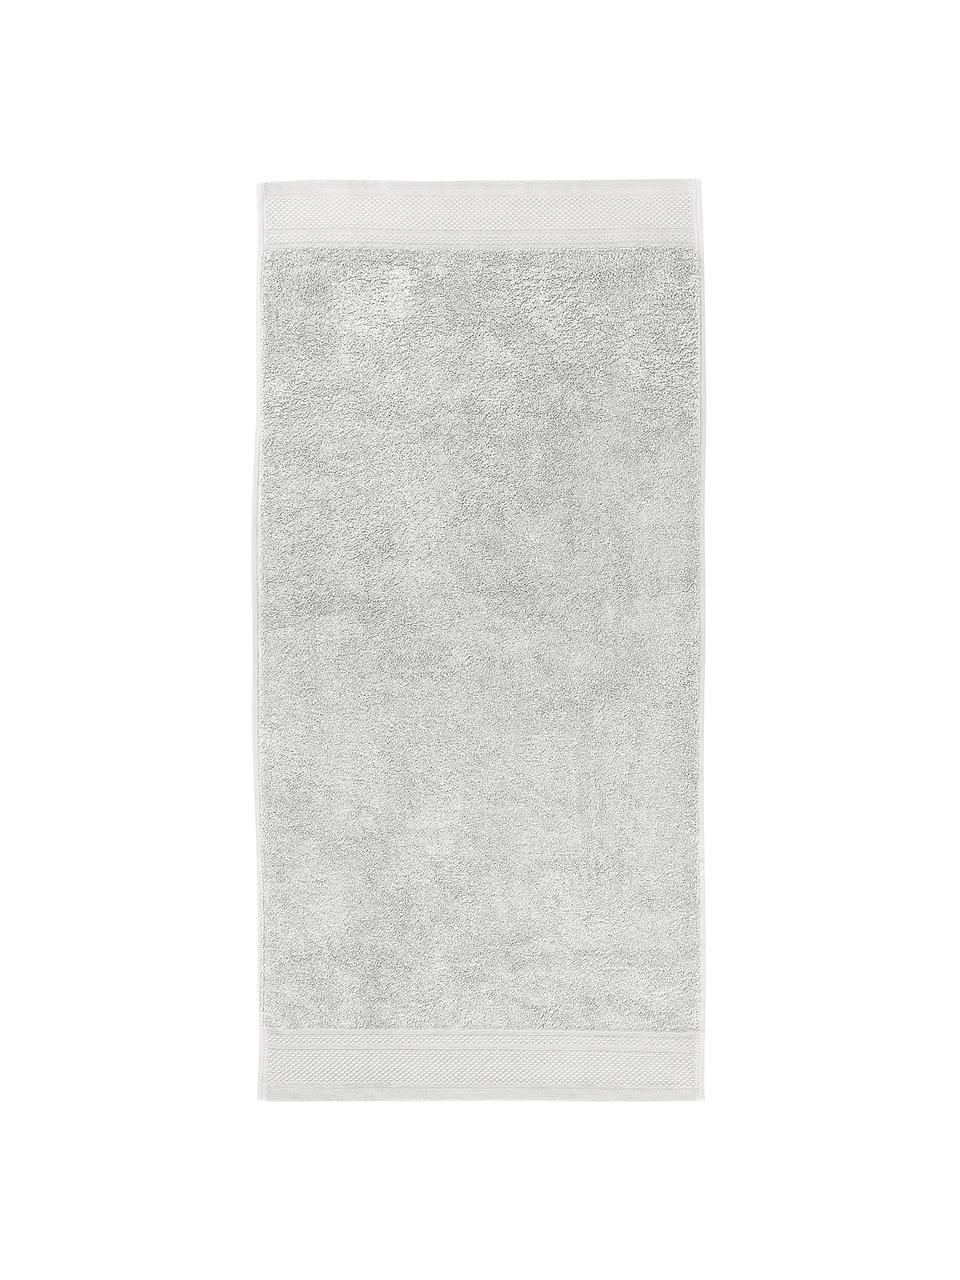 Handdoekenset Premium met klassiek sierborduursel, 3-delig, Lichtgrijs, Set met verschillende formaten